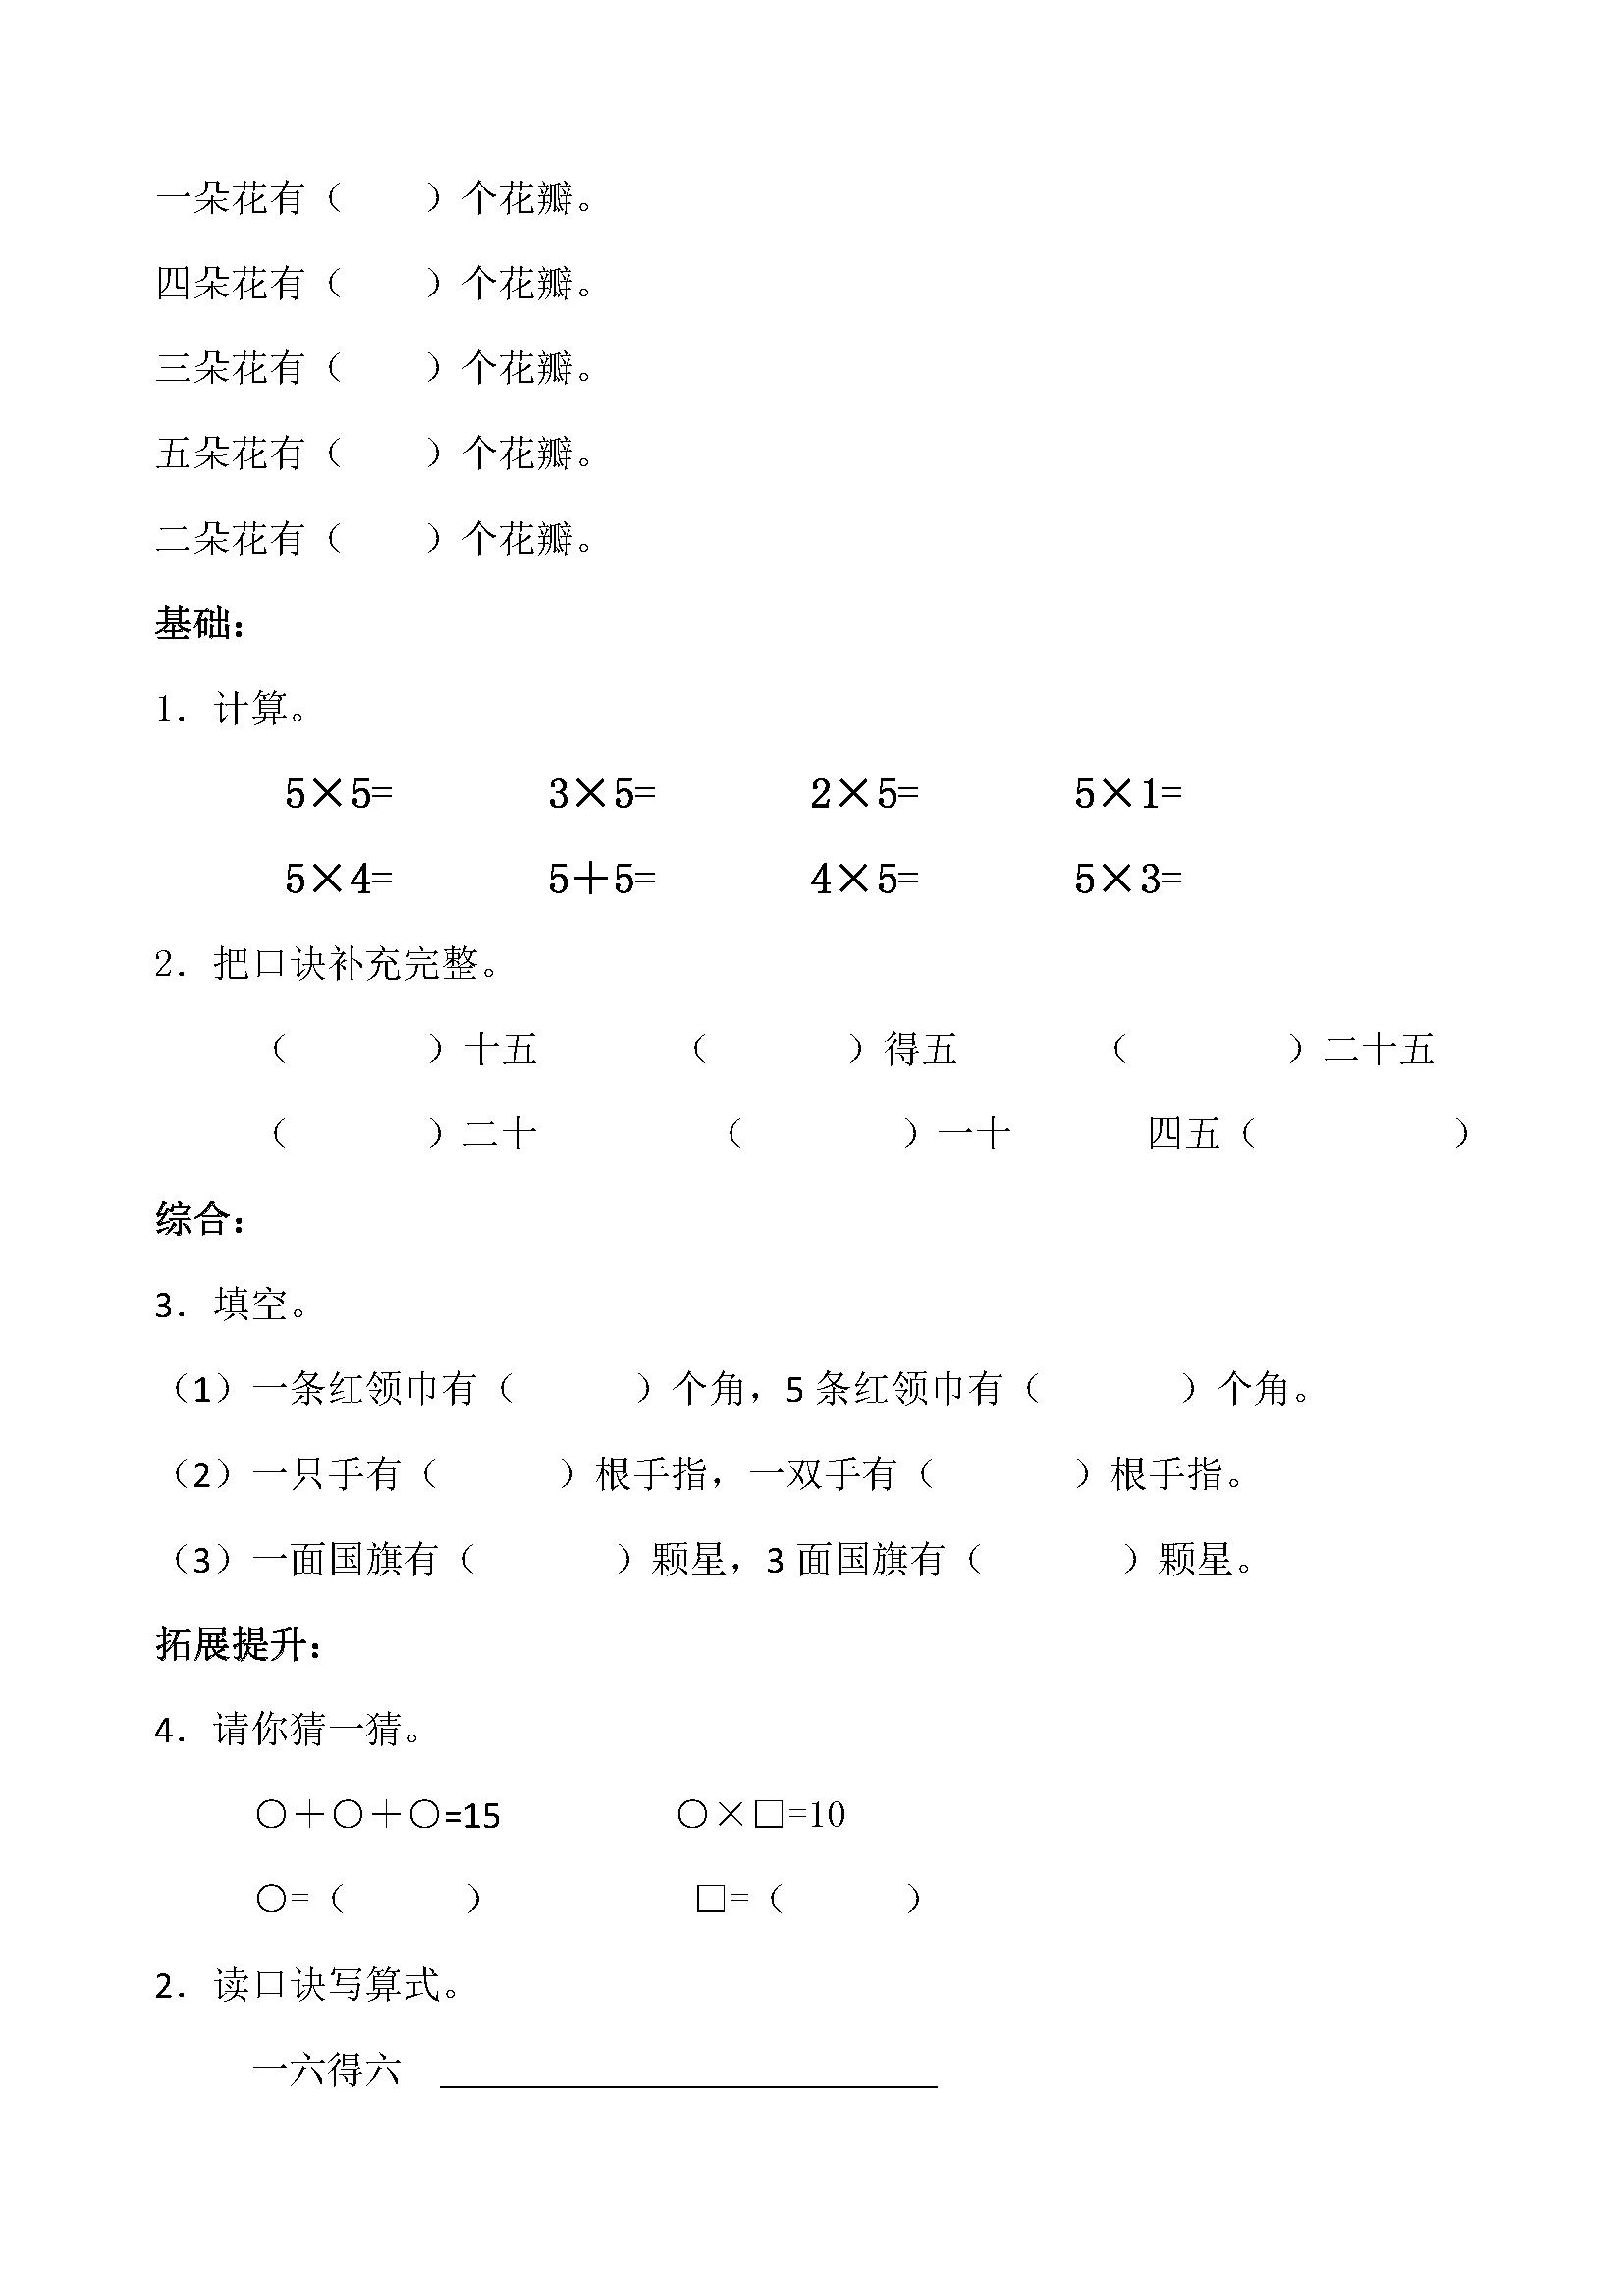 乘法口诀表简单漂亮图片